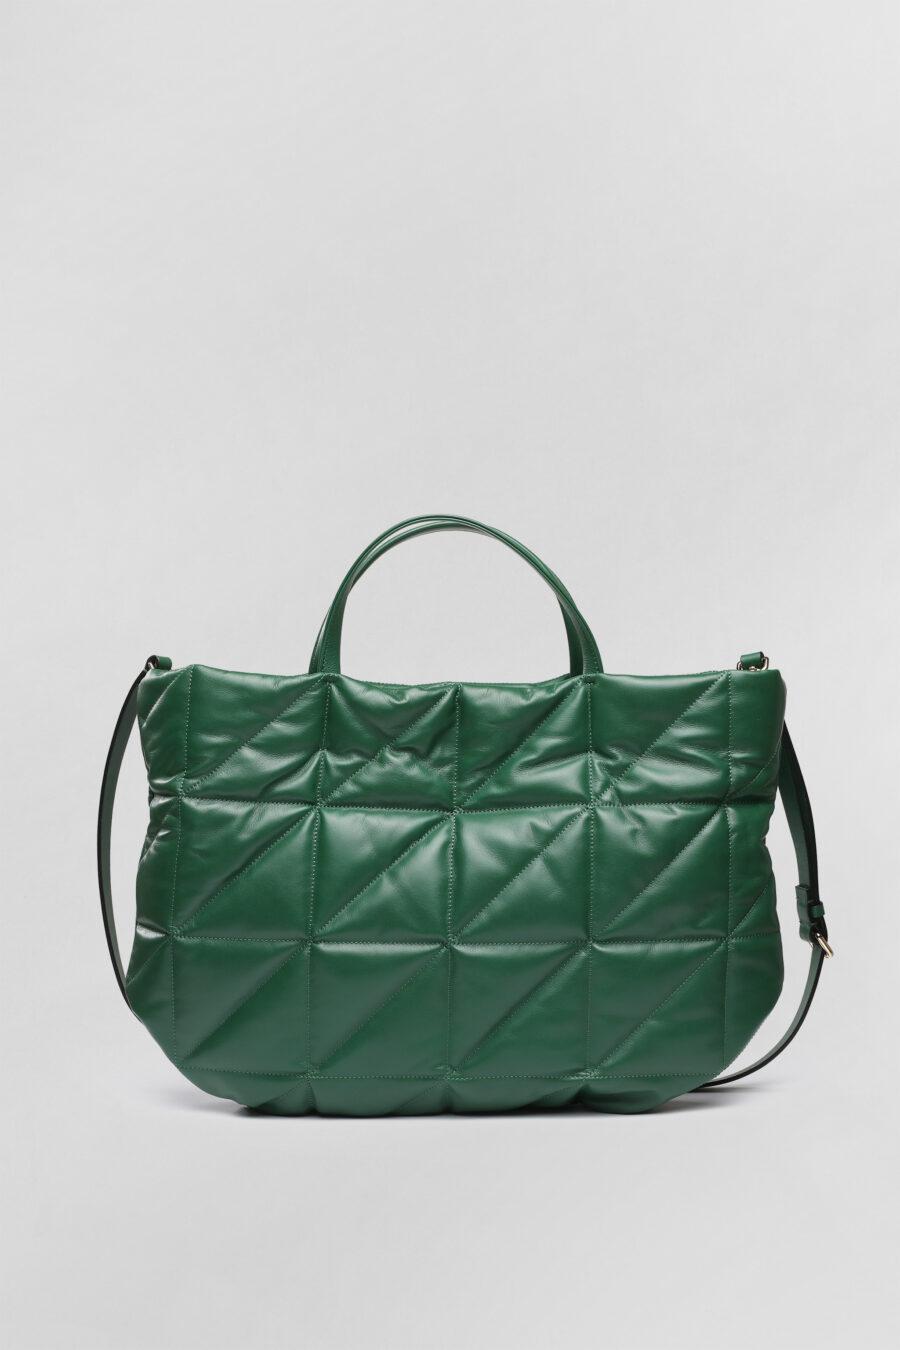 Shopping bag Mery in pelle eden 1